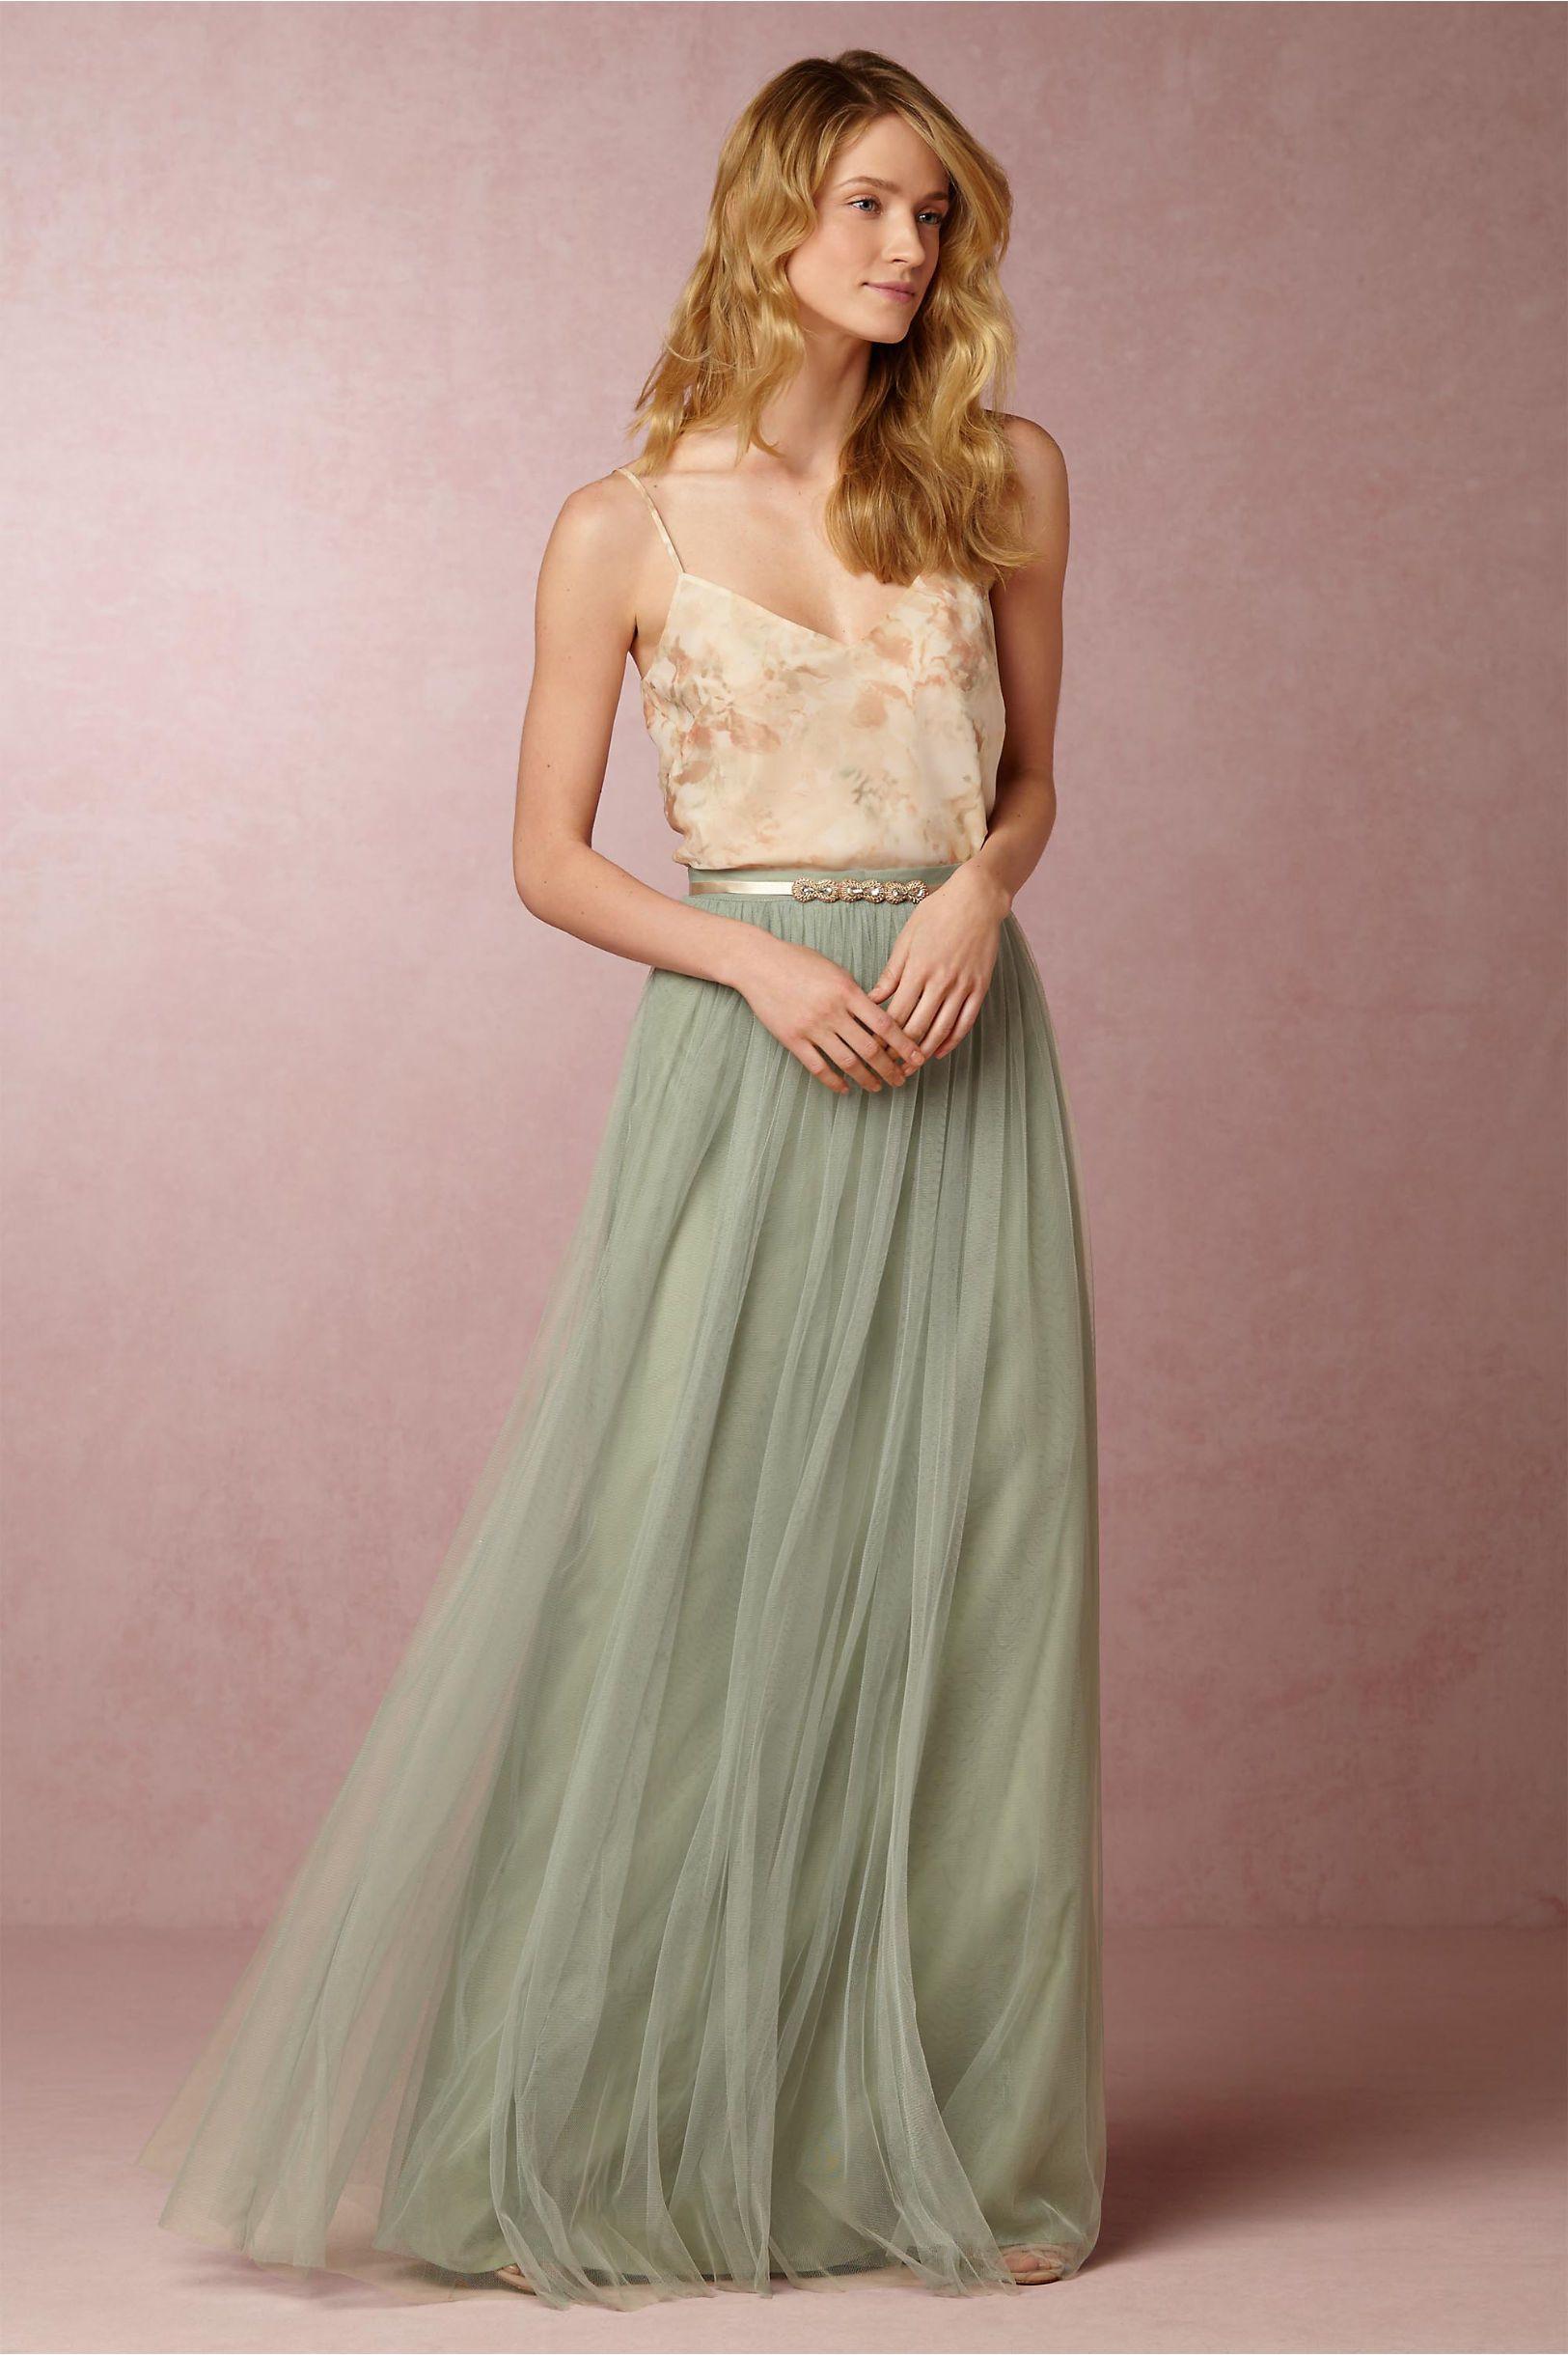 Febrero   Kleider Hochzeit, Trauzeugin Kleid, Outfit